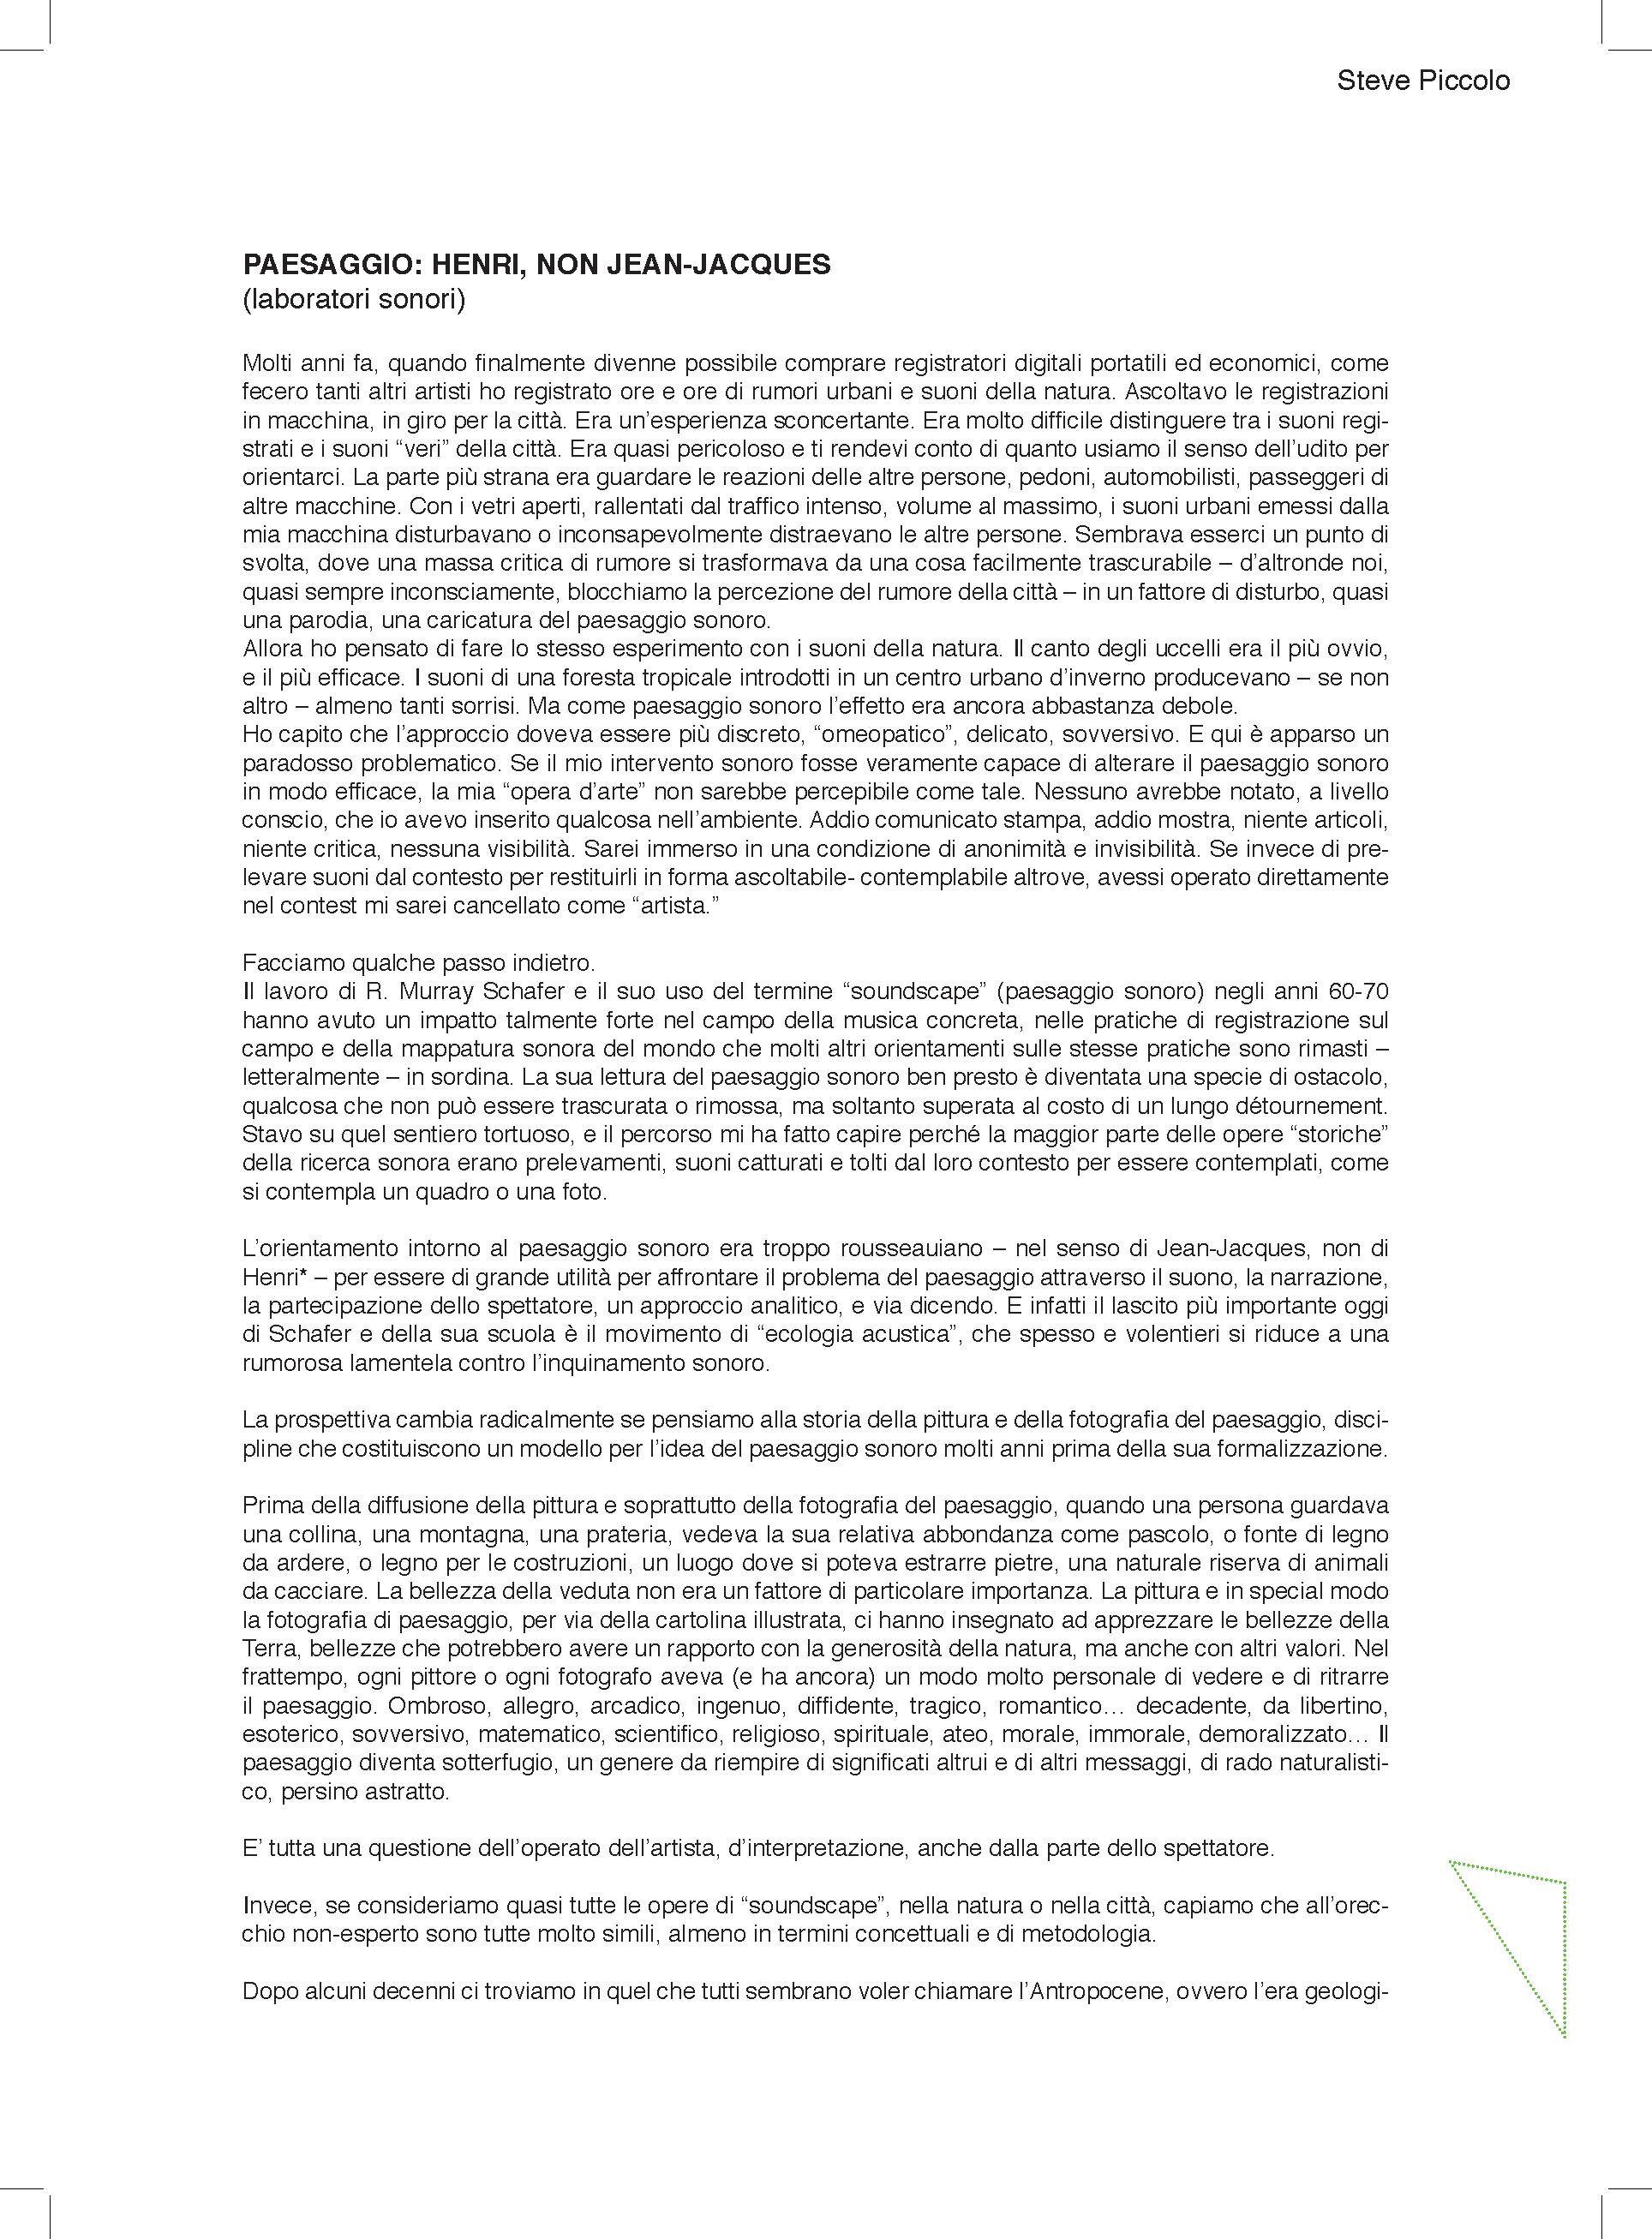 6decl-quaderno-con-segno-taglio_Pagina_27